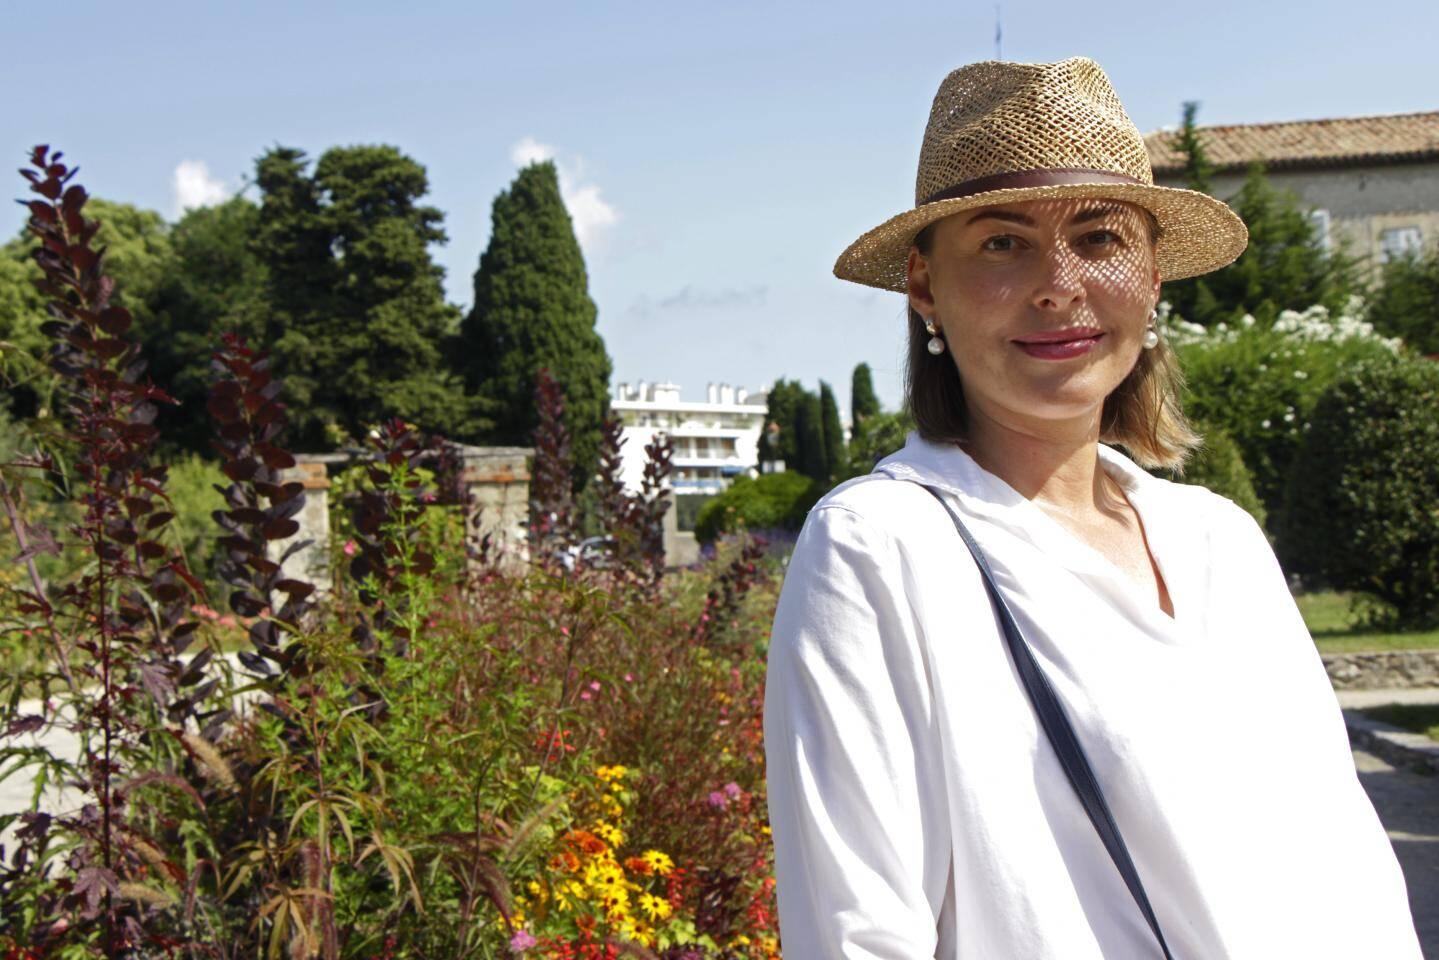 La dernière visite guidée de Natalia Pelikhova remonte à février.